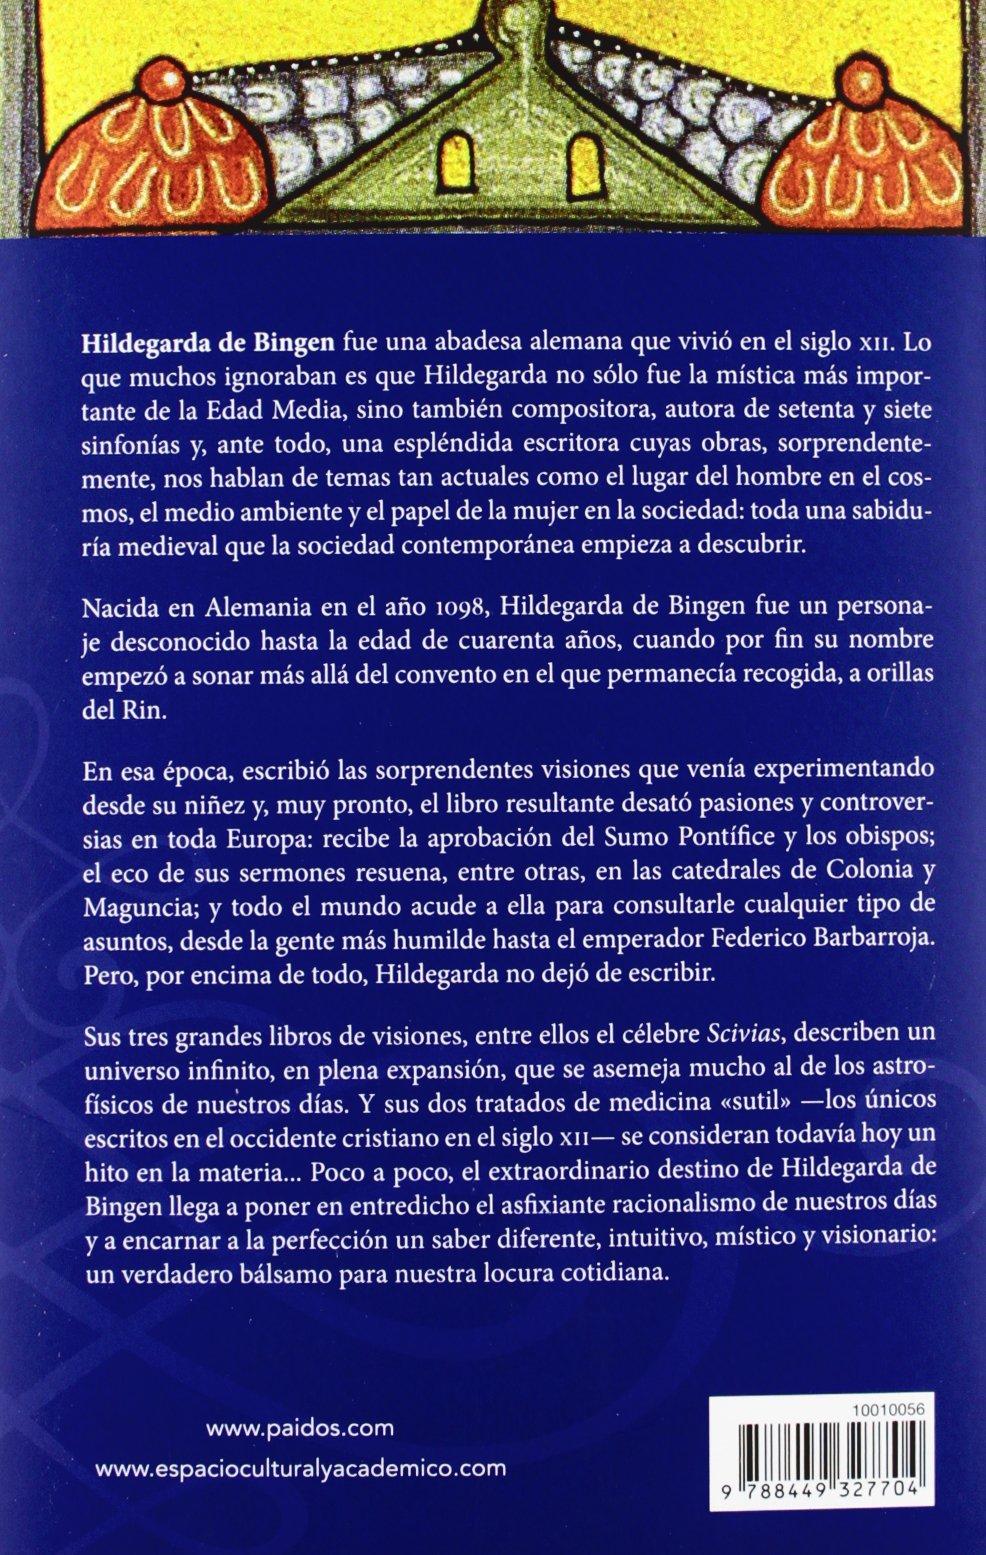 Hildegarda de Bingen: Una conciencia inspirada del siglo XII Testimonios: Amazon.es: Régine Pernoud, Alejandra González Bonilla: Libros